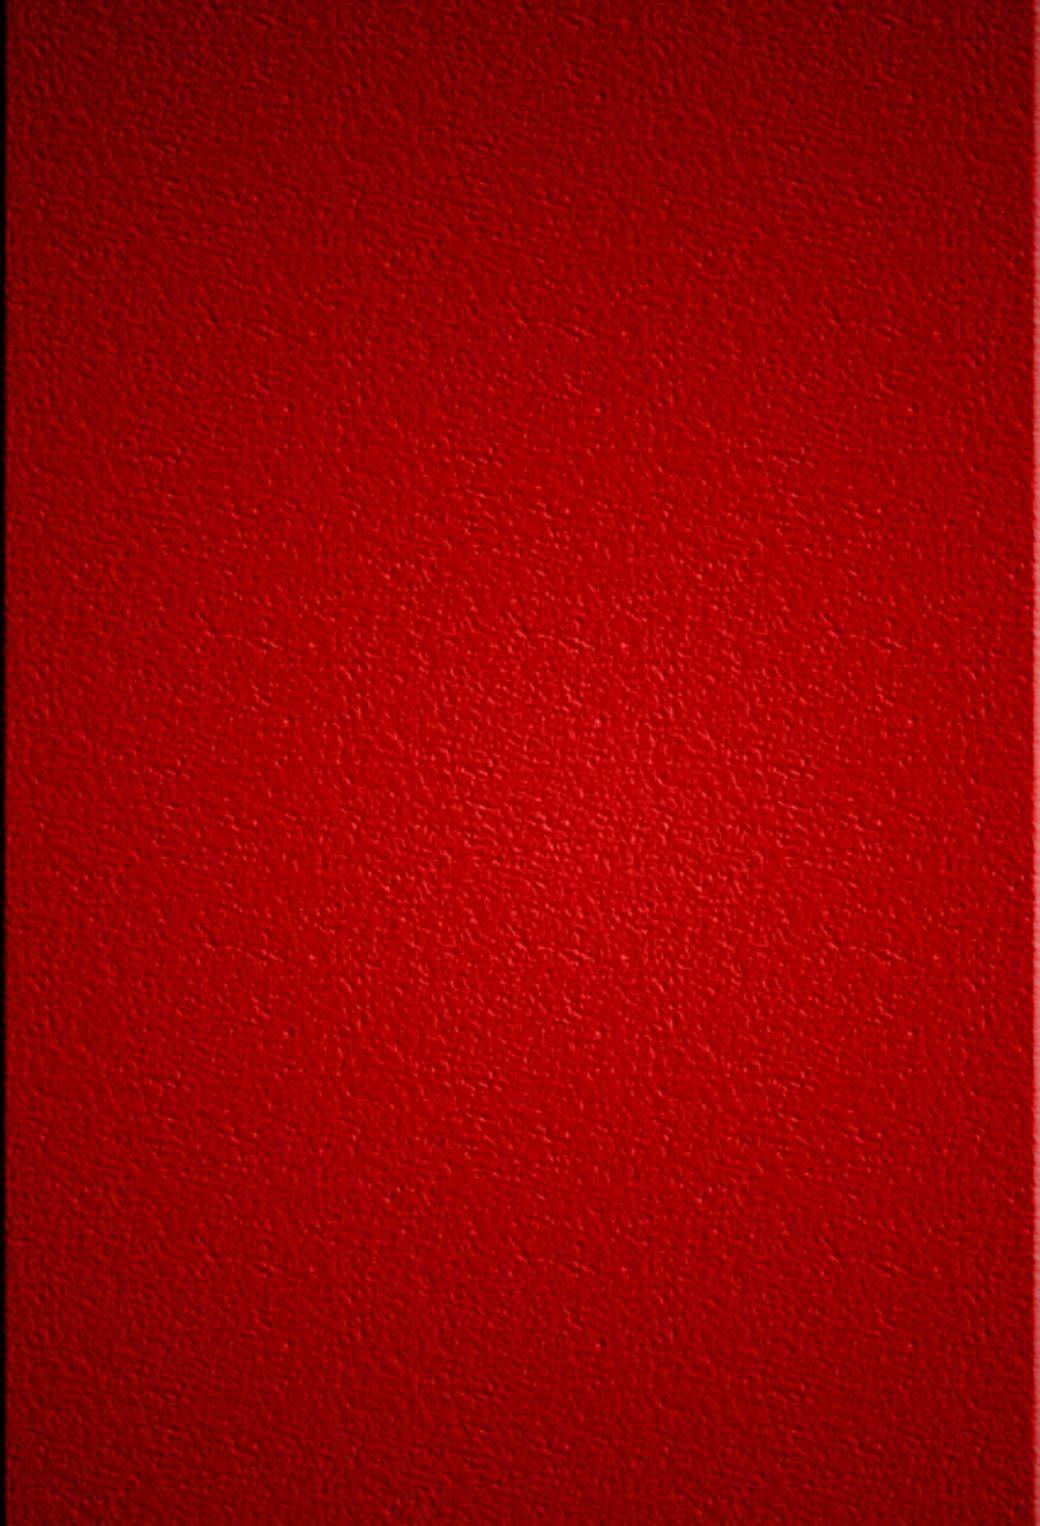 赤 背景 シンプル Google 検索 背景 シンプル 企画 書 デザイン かっこいい壁紙